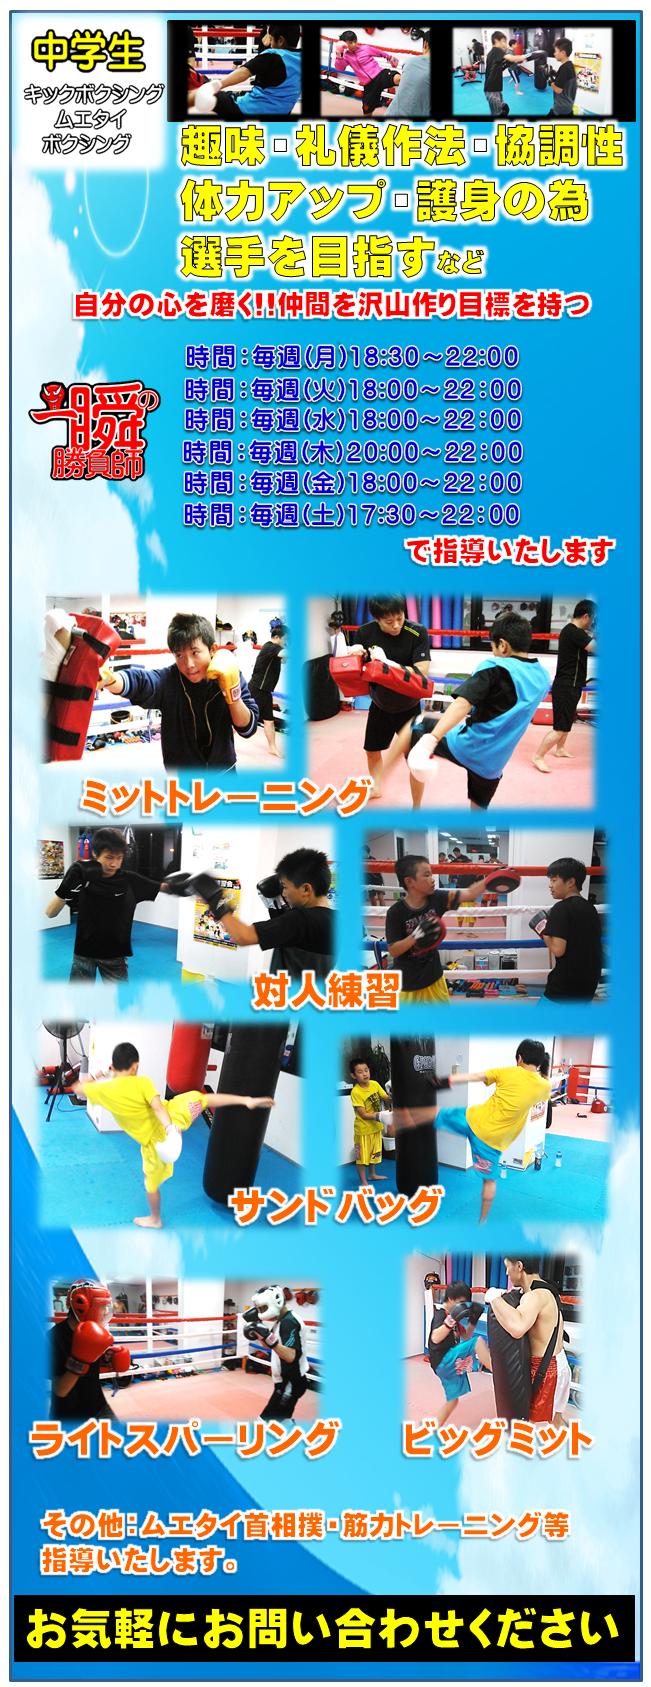 キックボクシングジム TSKjapan 中学生キック